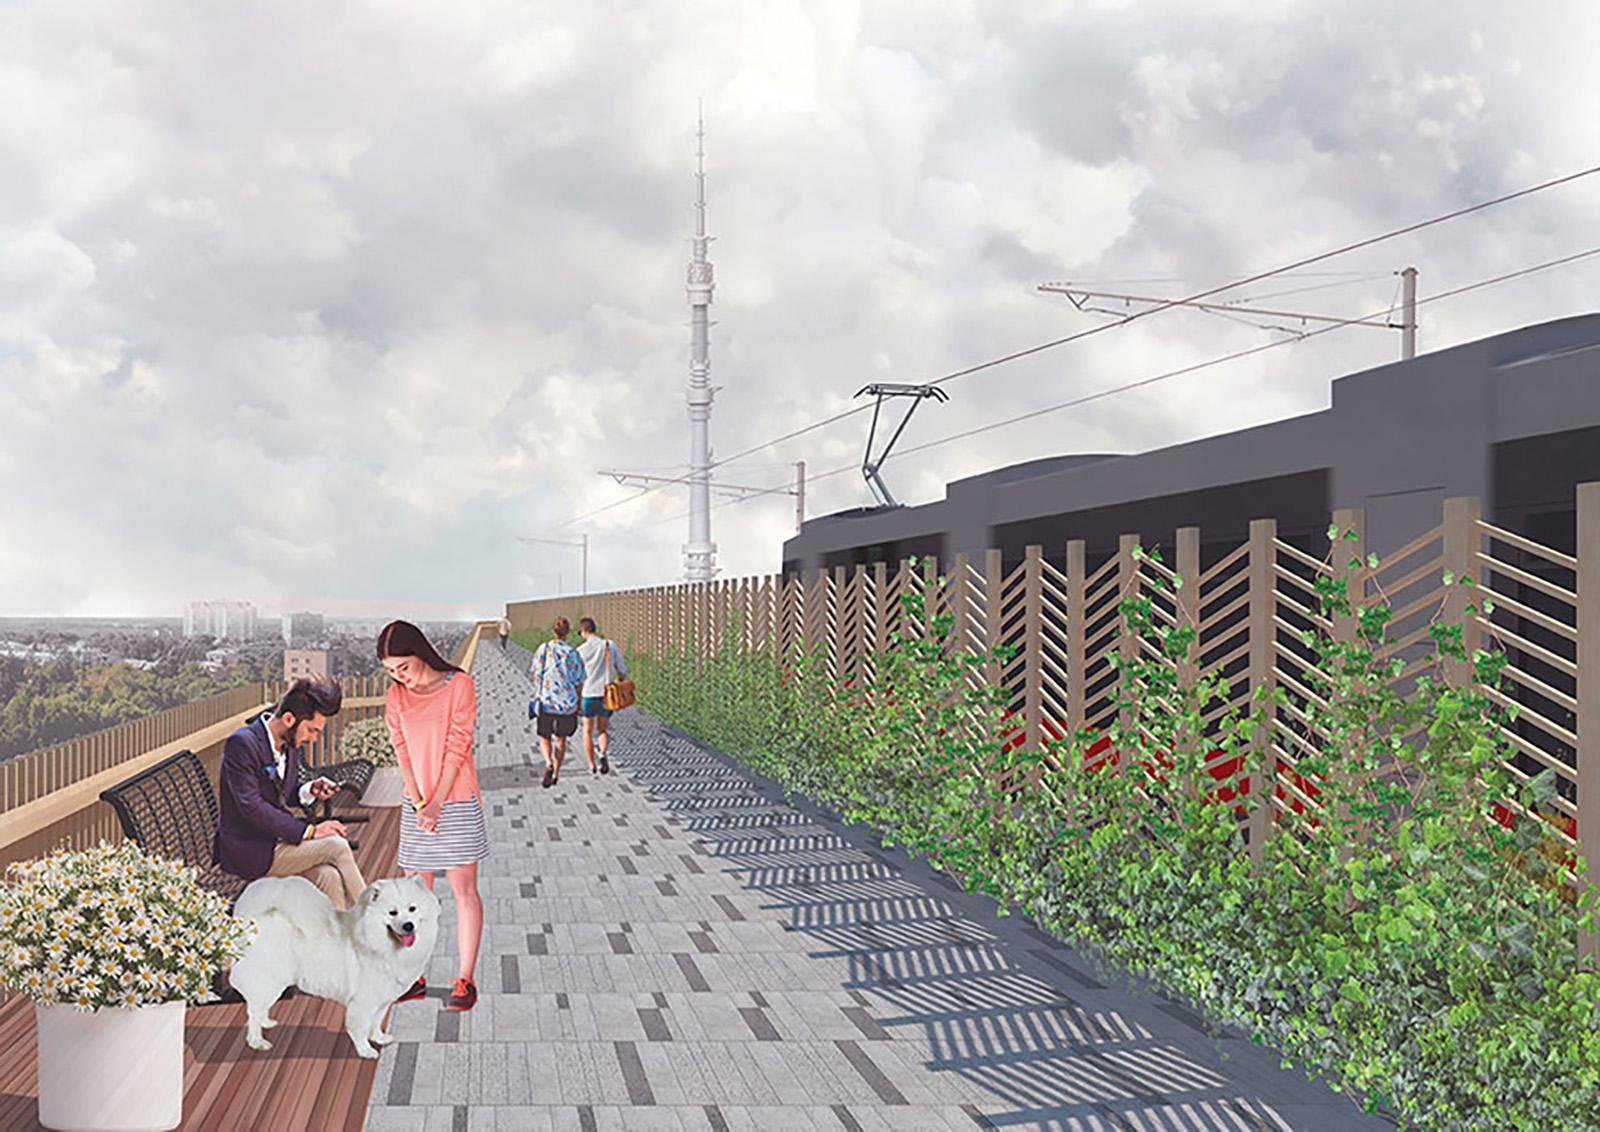 Московский монорельс соединяет станции метро «Тимирязевская» и «ВДНХ», расположенные на соседних линиях. Архитекторы предлагают спустить монорельсовую дорогу вниз и связать ее с трамвайной линией. Схожий проект реализован в Нью-Йорке, где на месте железнодорожной эстакады был создан ландшафтный парк «Хай-Лайн» протяженностью 2,3 км